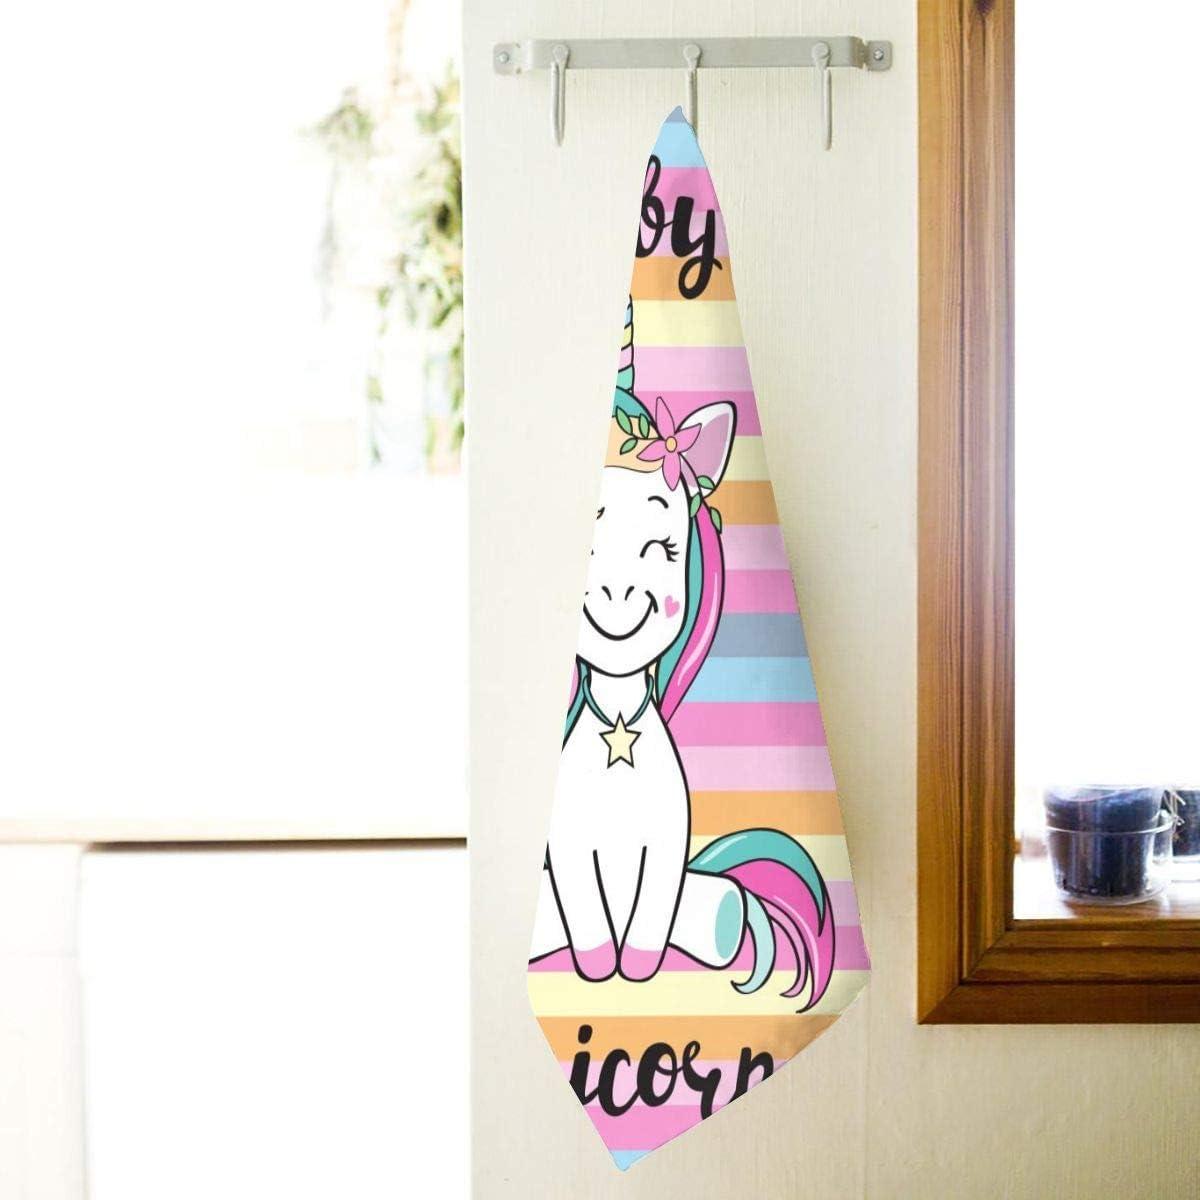 Le Yoga, Serviettes de Bain Douces Douchette Gant de Toilette hautement Absorbant Polyvalent pour la Cuisine lh/ôtel ASKSWF Belles Serviettes de Main Vintage Peacock Fingertip pour Salle de Bain